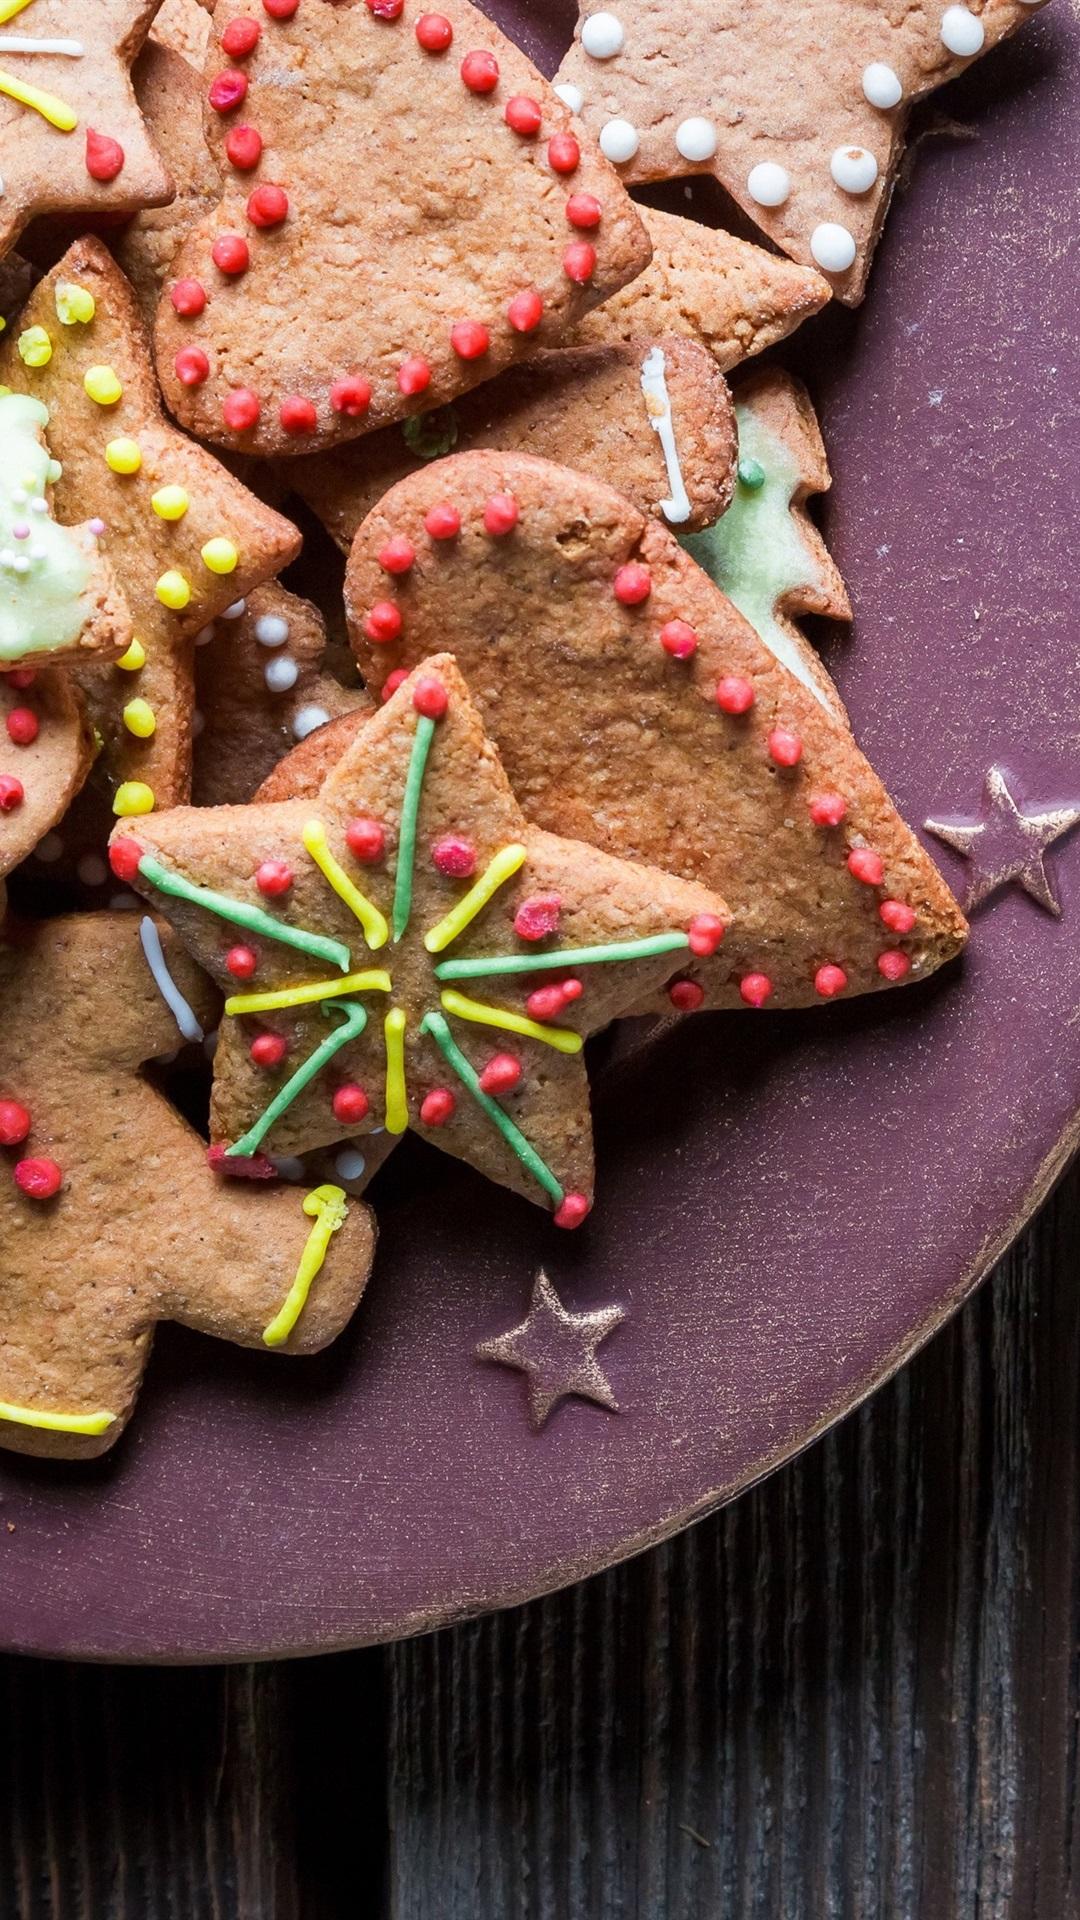 クリスマステーマ クッキー ミルク 1080x1920 Iphone 8 7 6 6s Plus